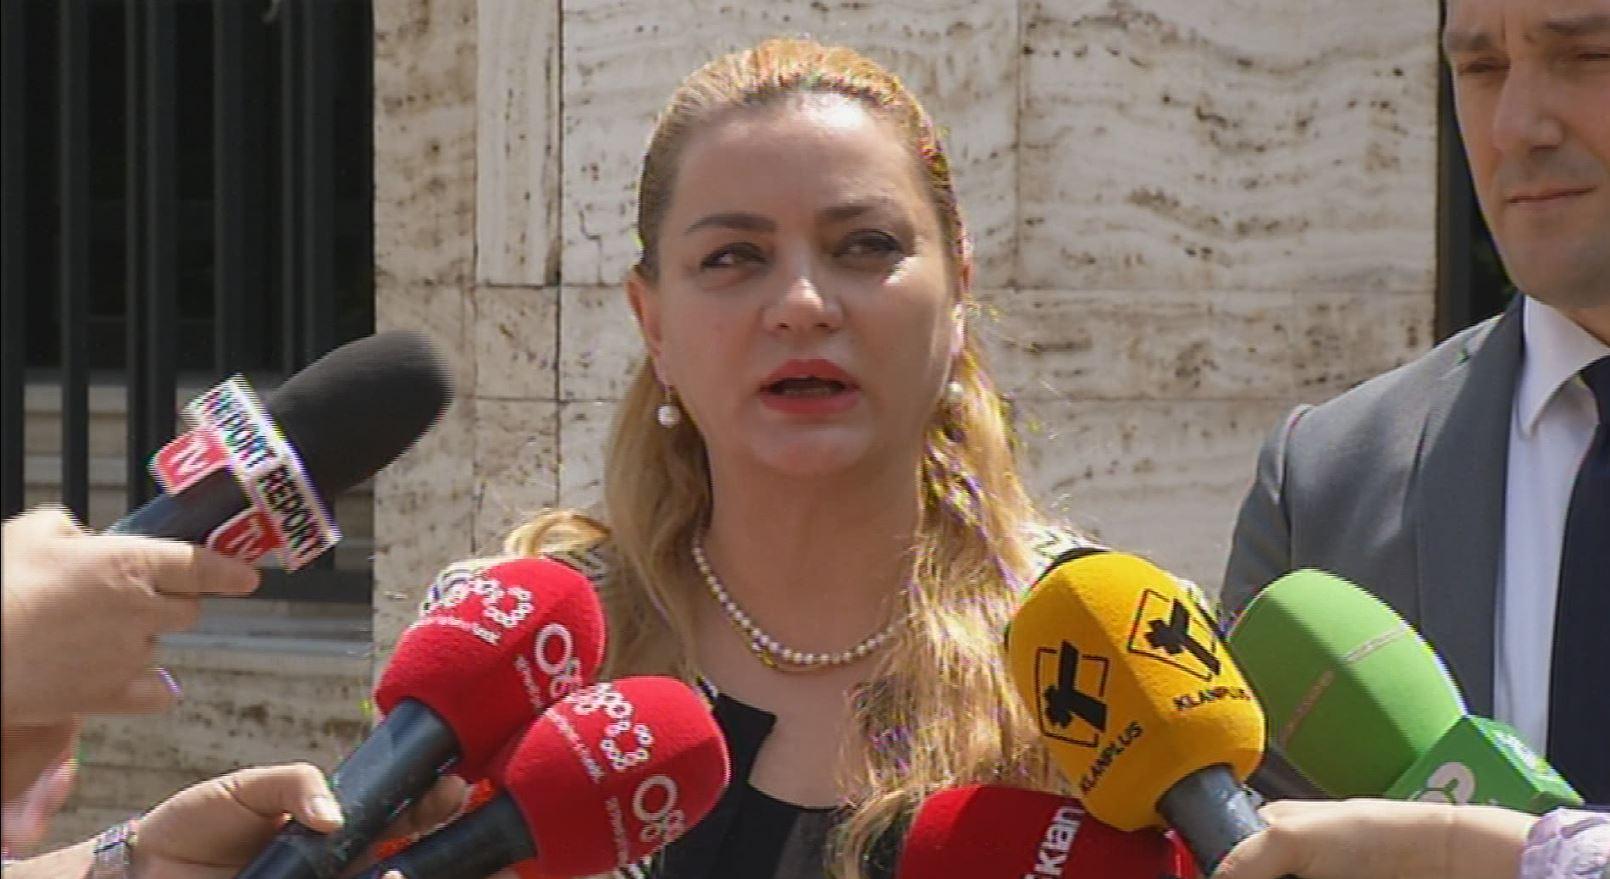 Mbledhja e të dhënave personale, PD kallëzon Ramën, Nikollën e Manastirliun në prokurori